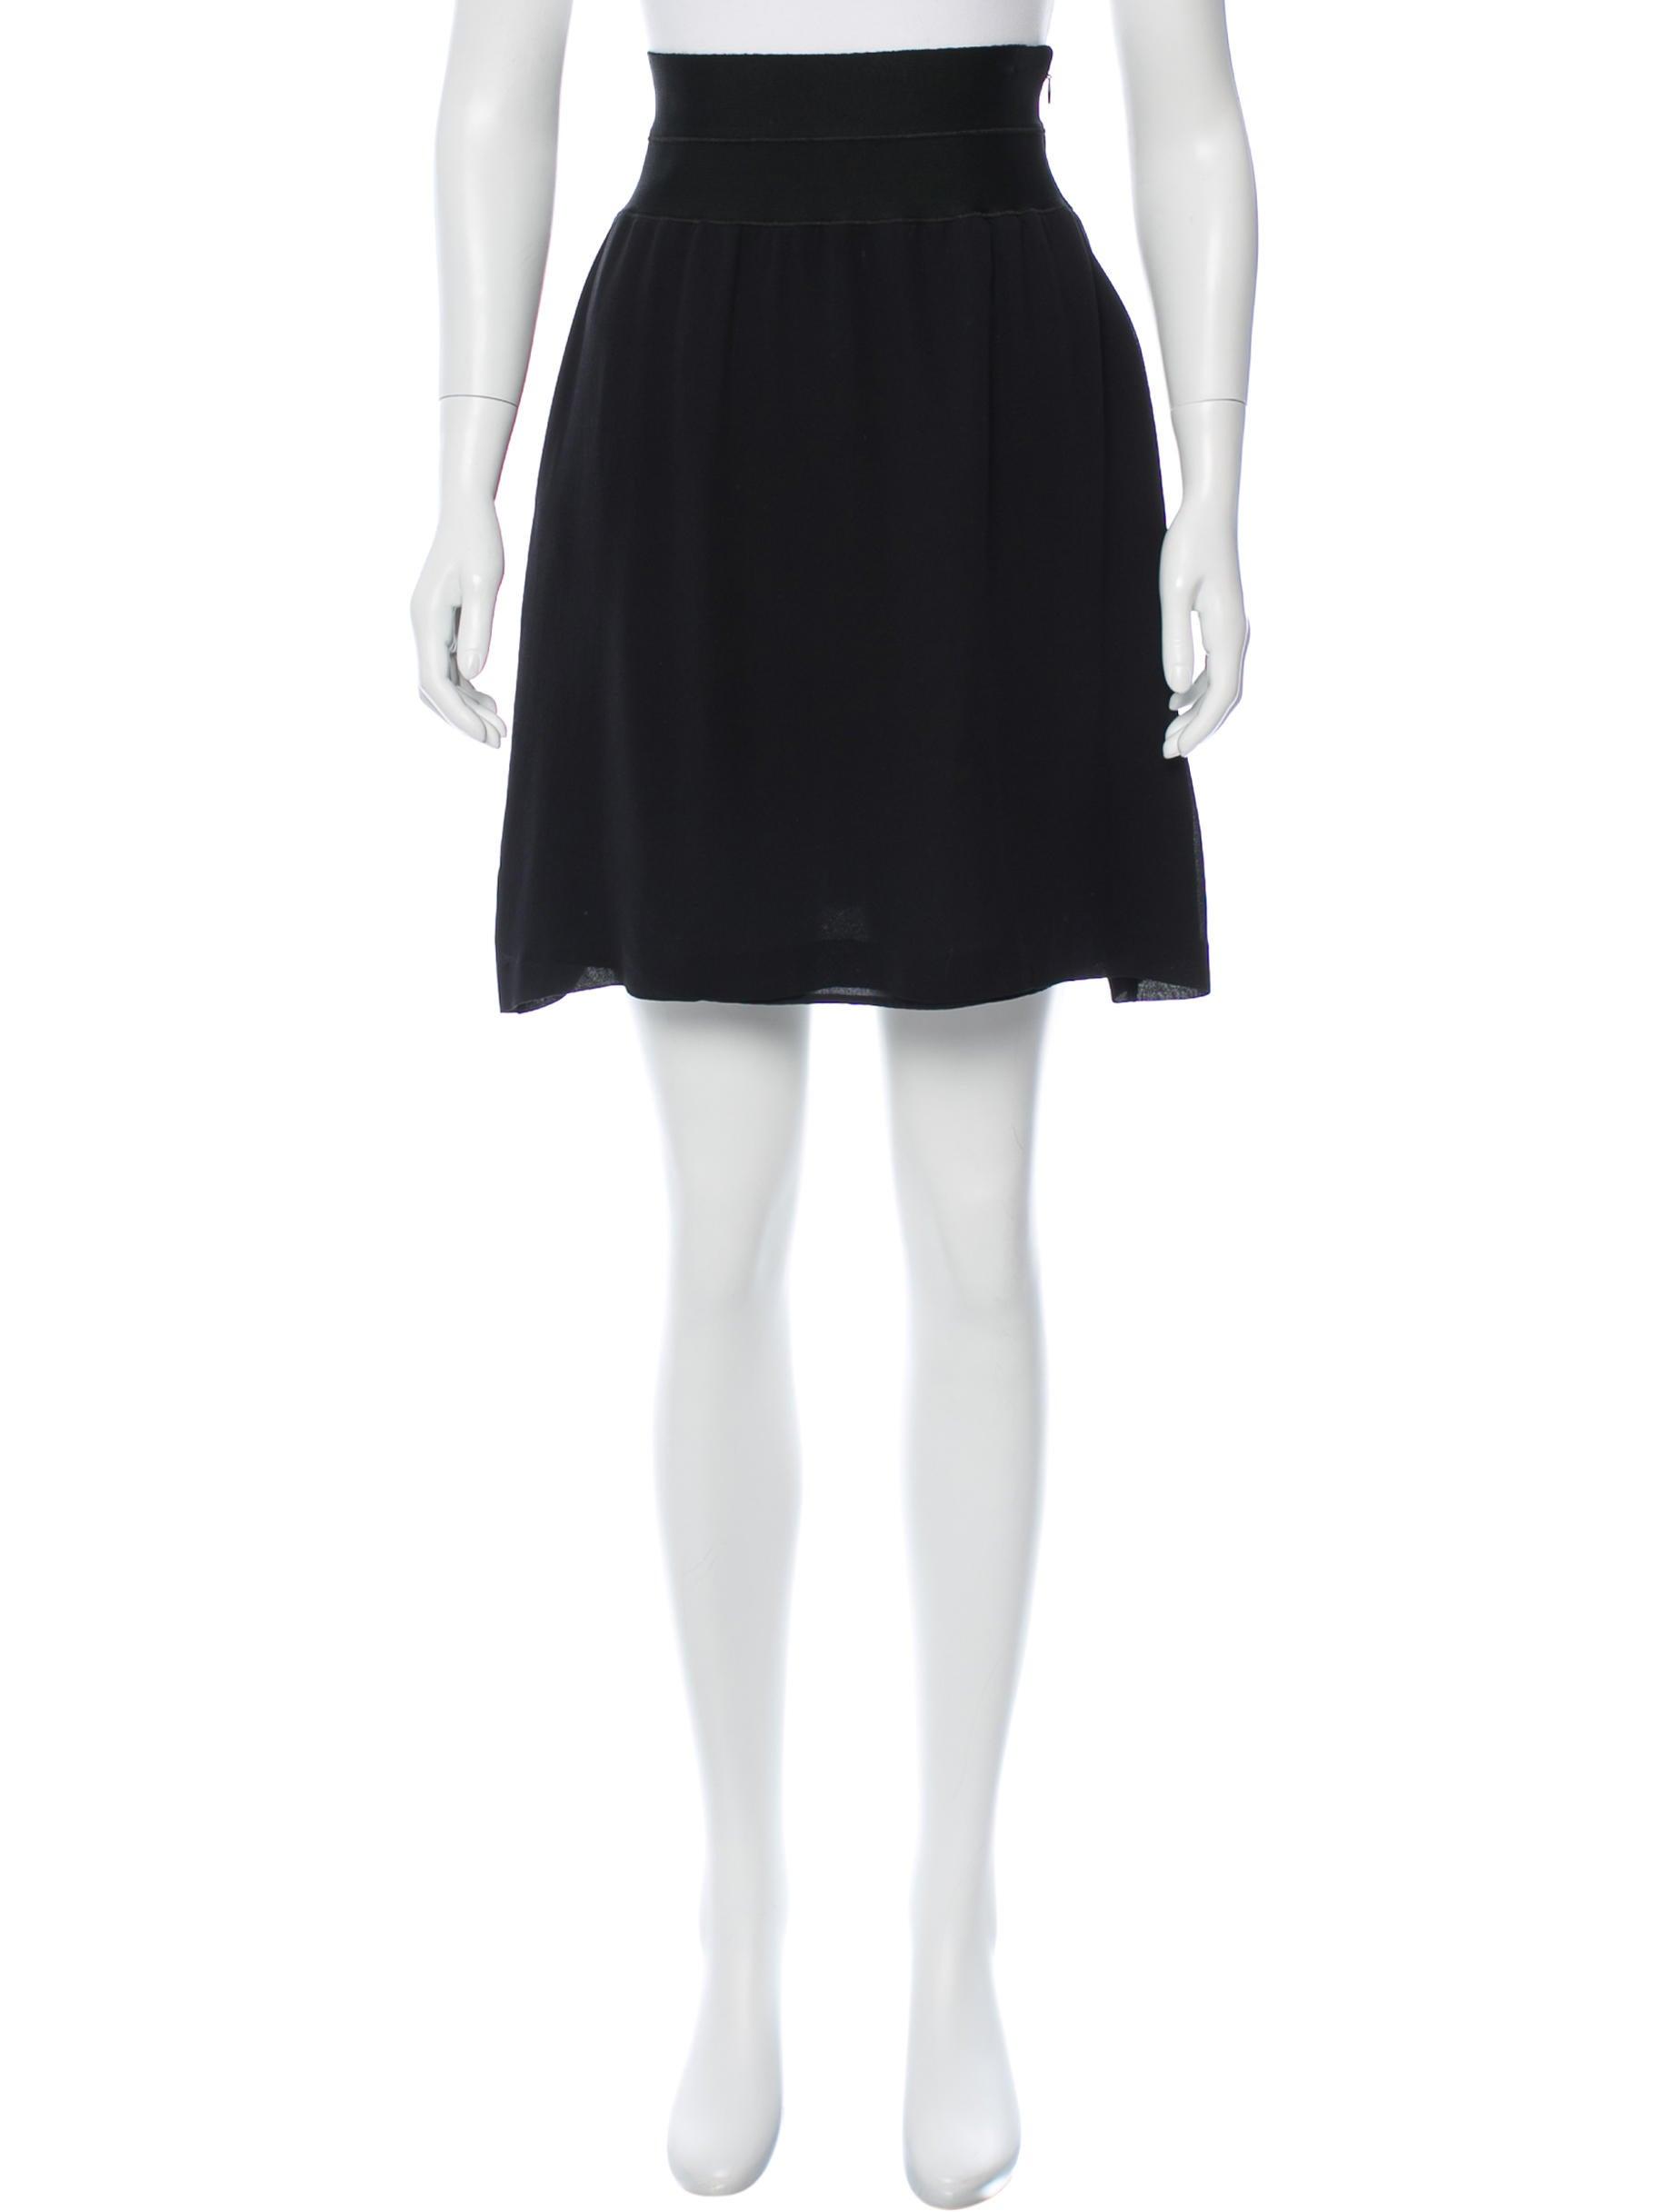 eccbbf375cad Fendi Silk A-line Skirt - Clothing - FEN48131